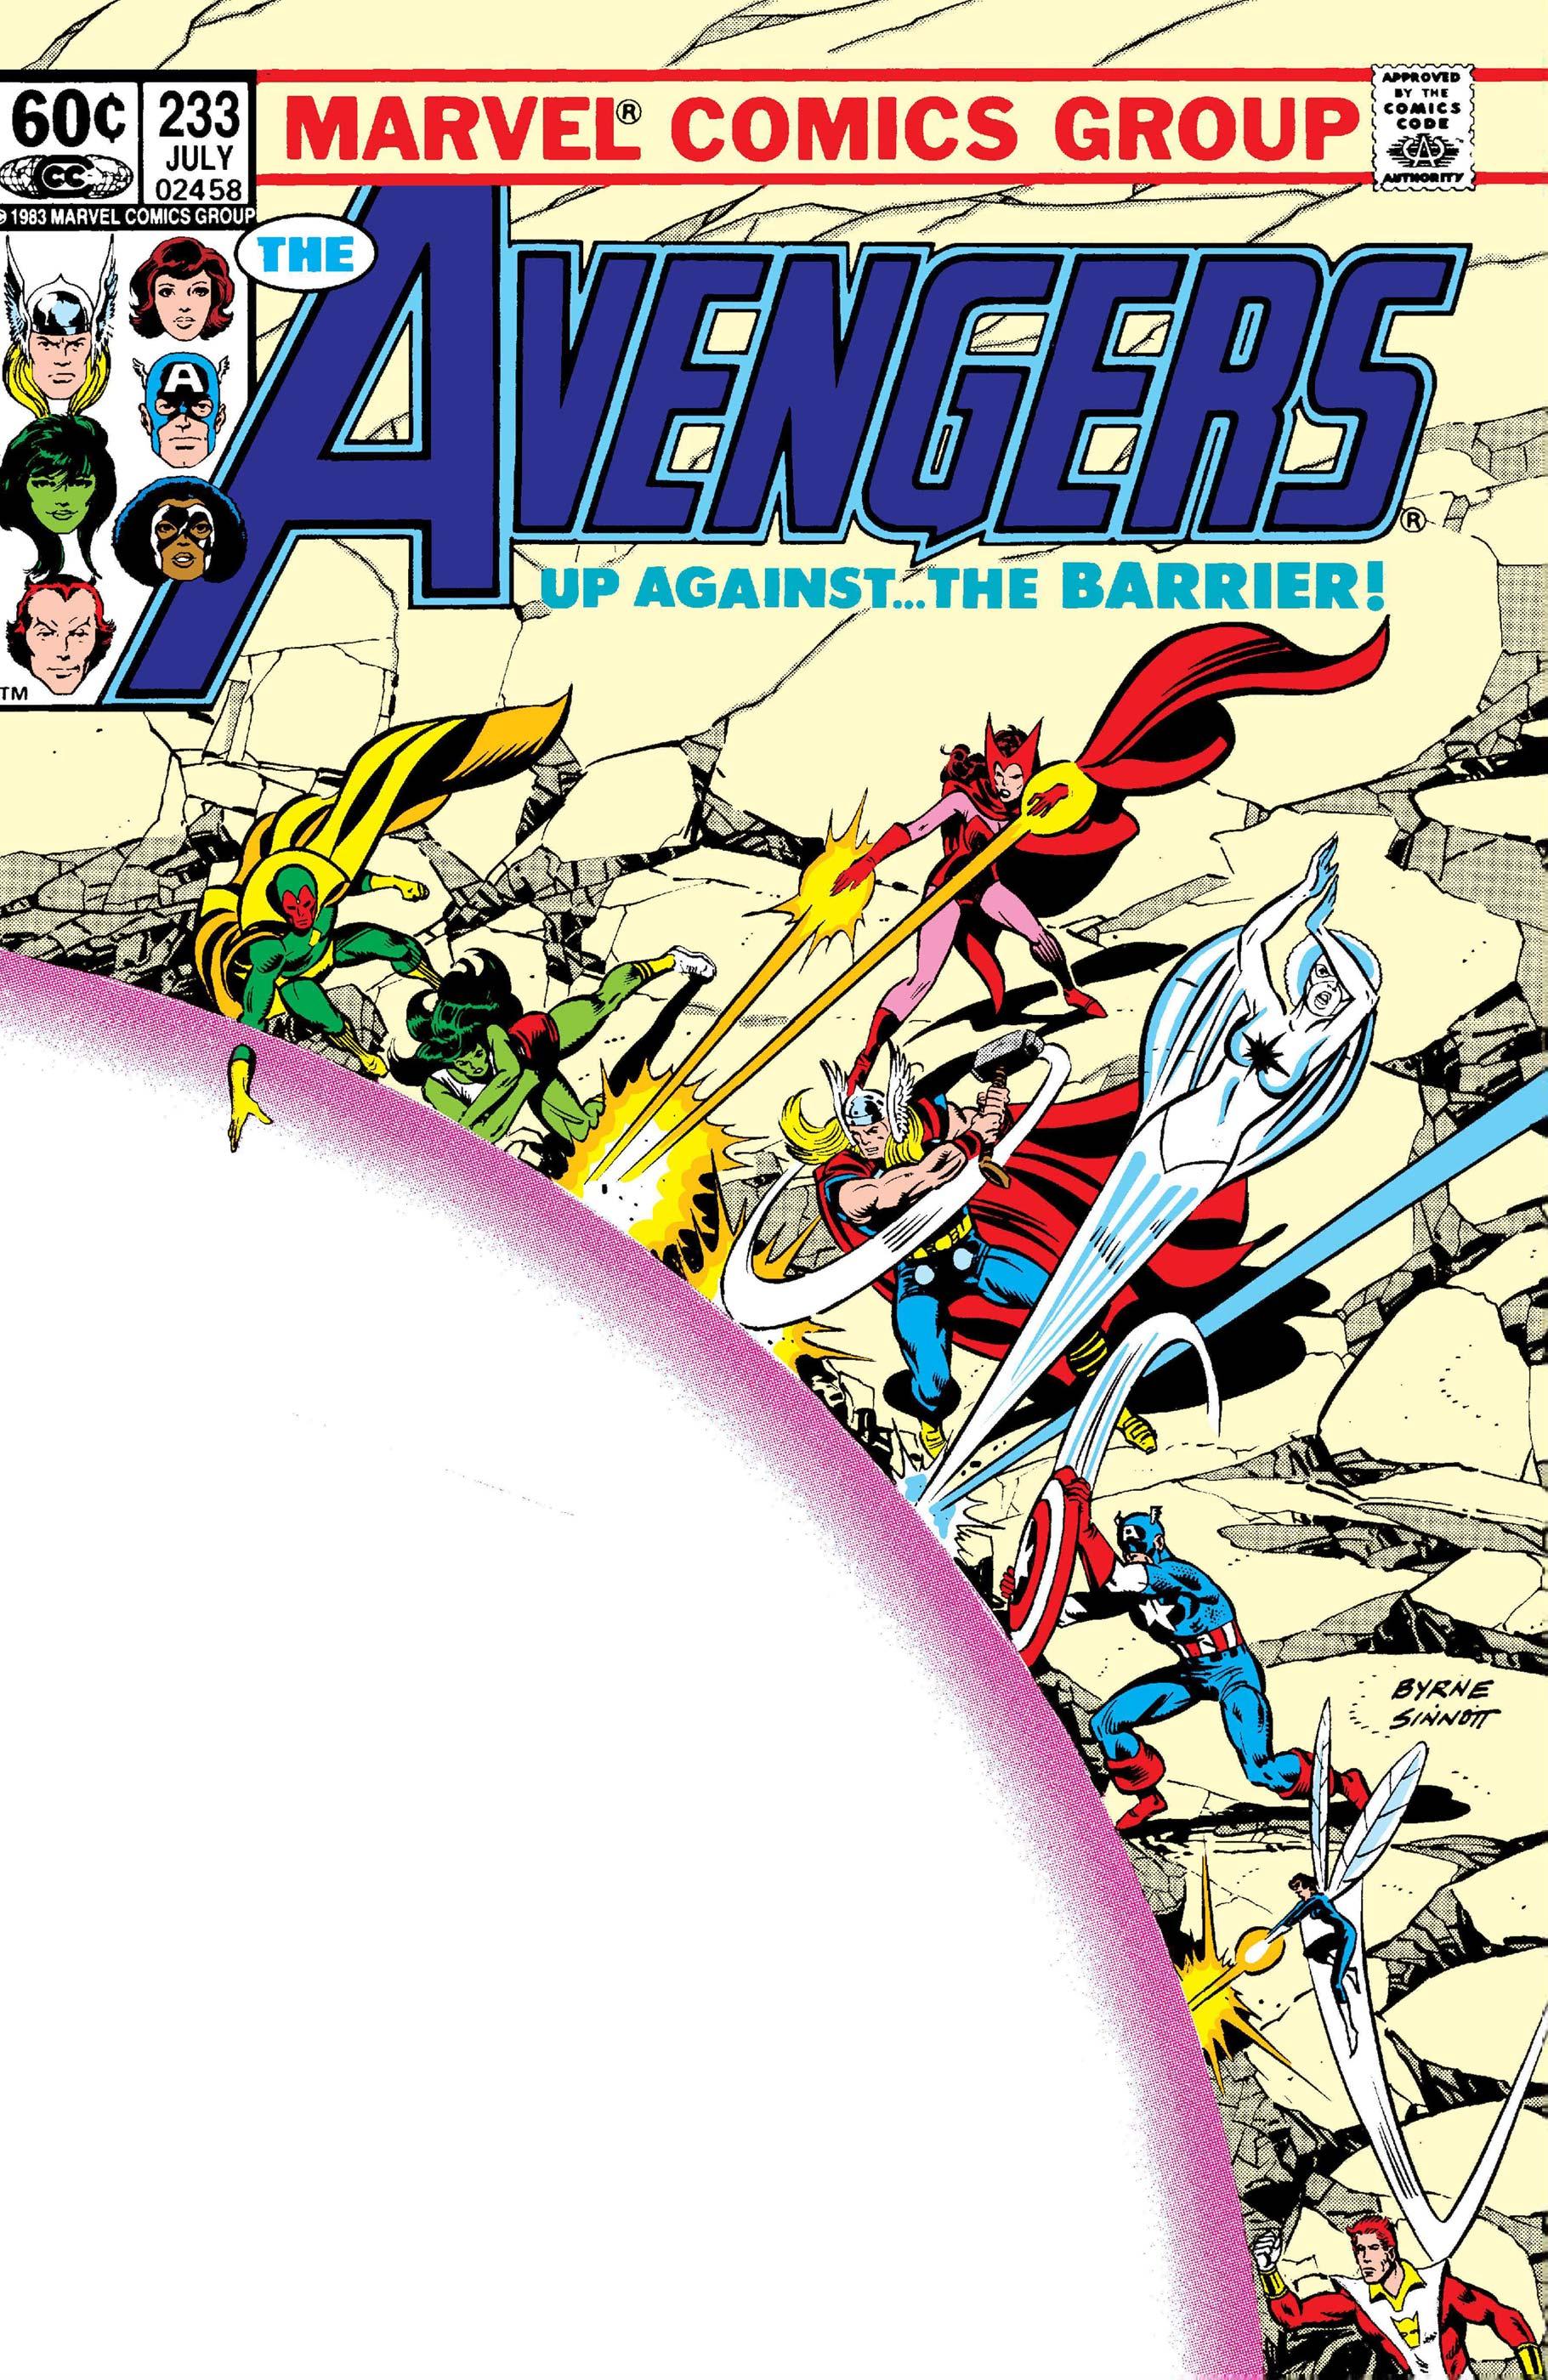 Avengers (1963) #233